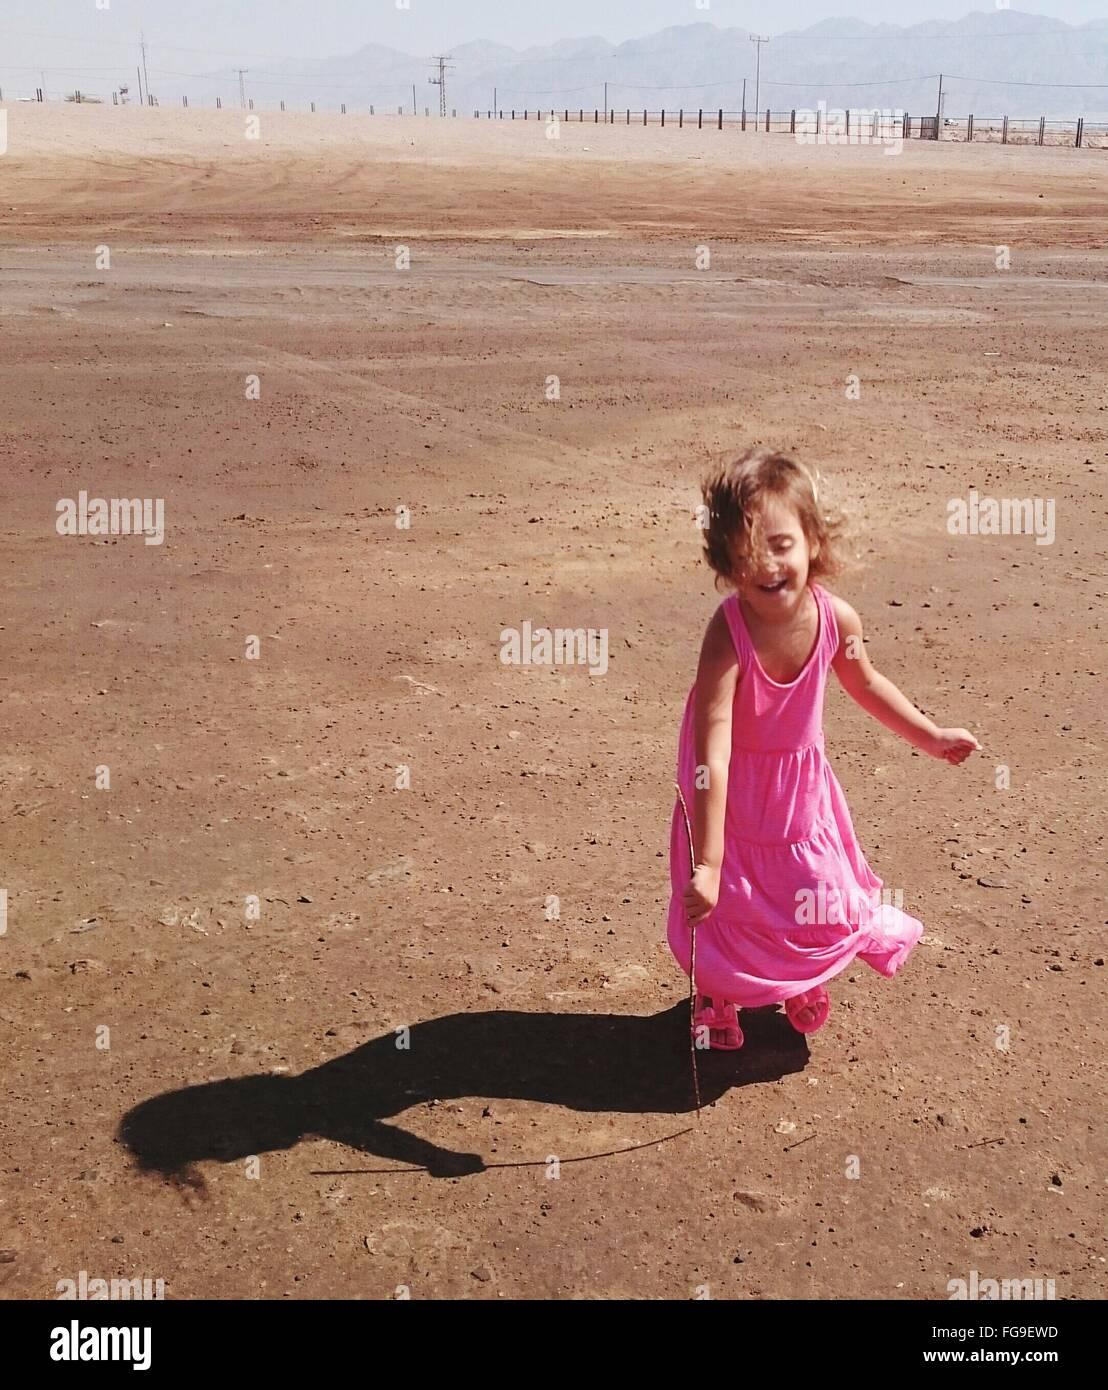 Niña alegre disfrutando en el desierto, en día soleado Imagen De Stock